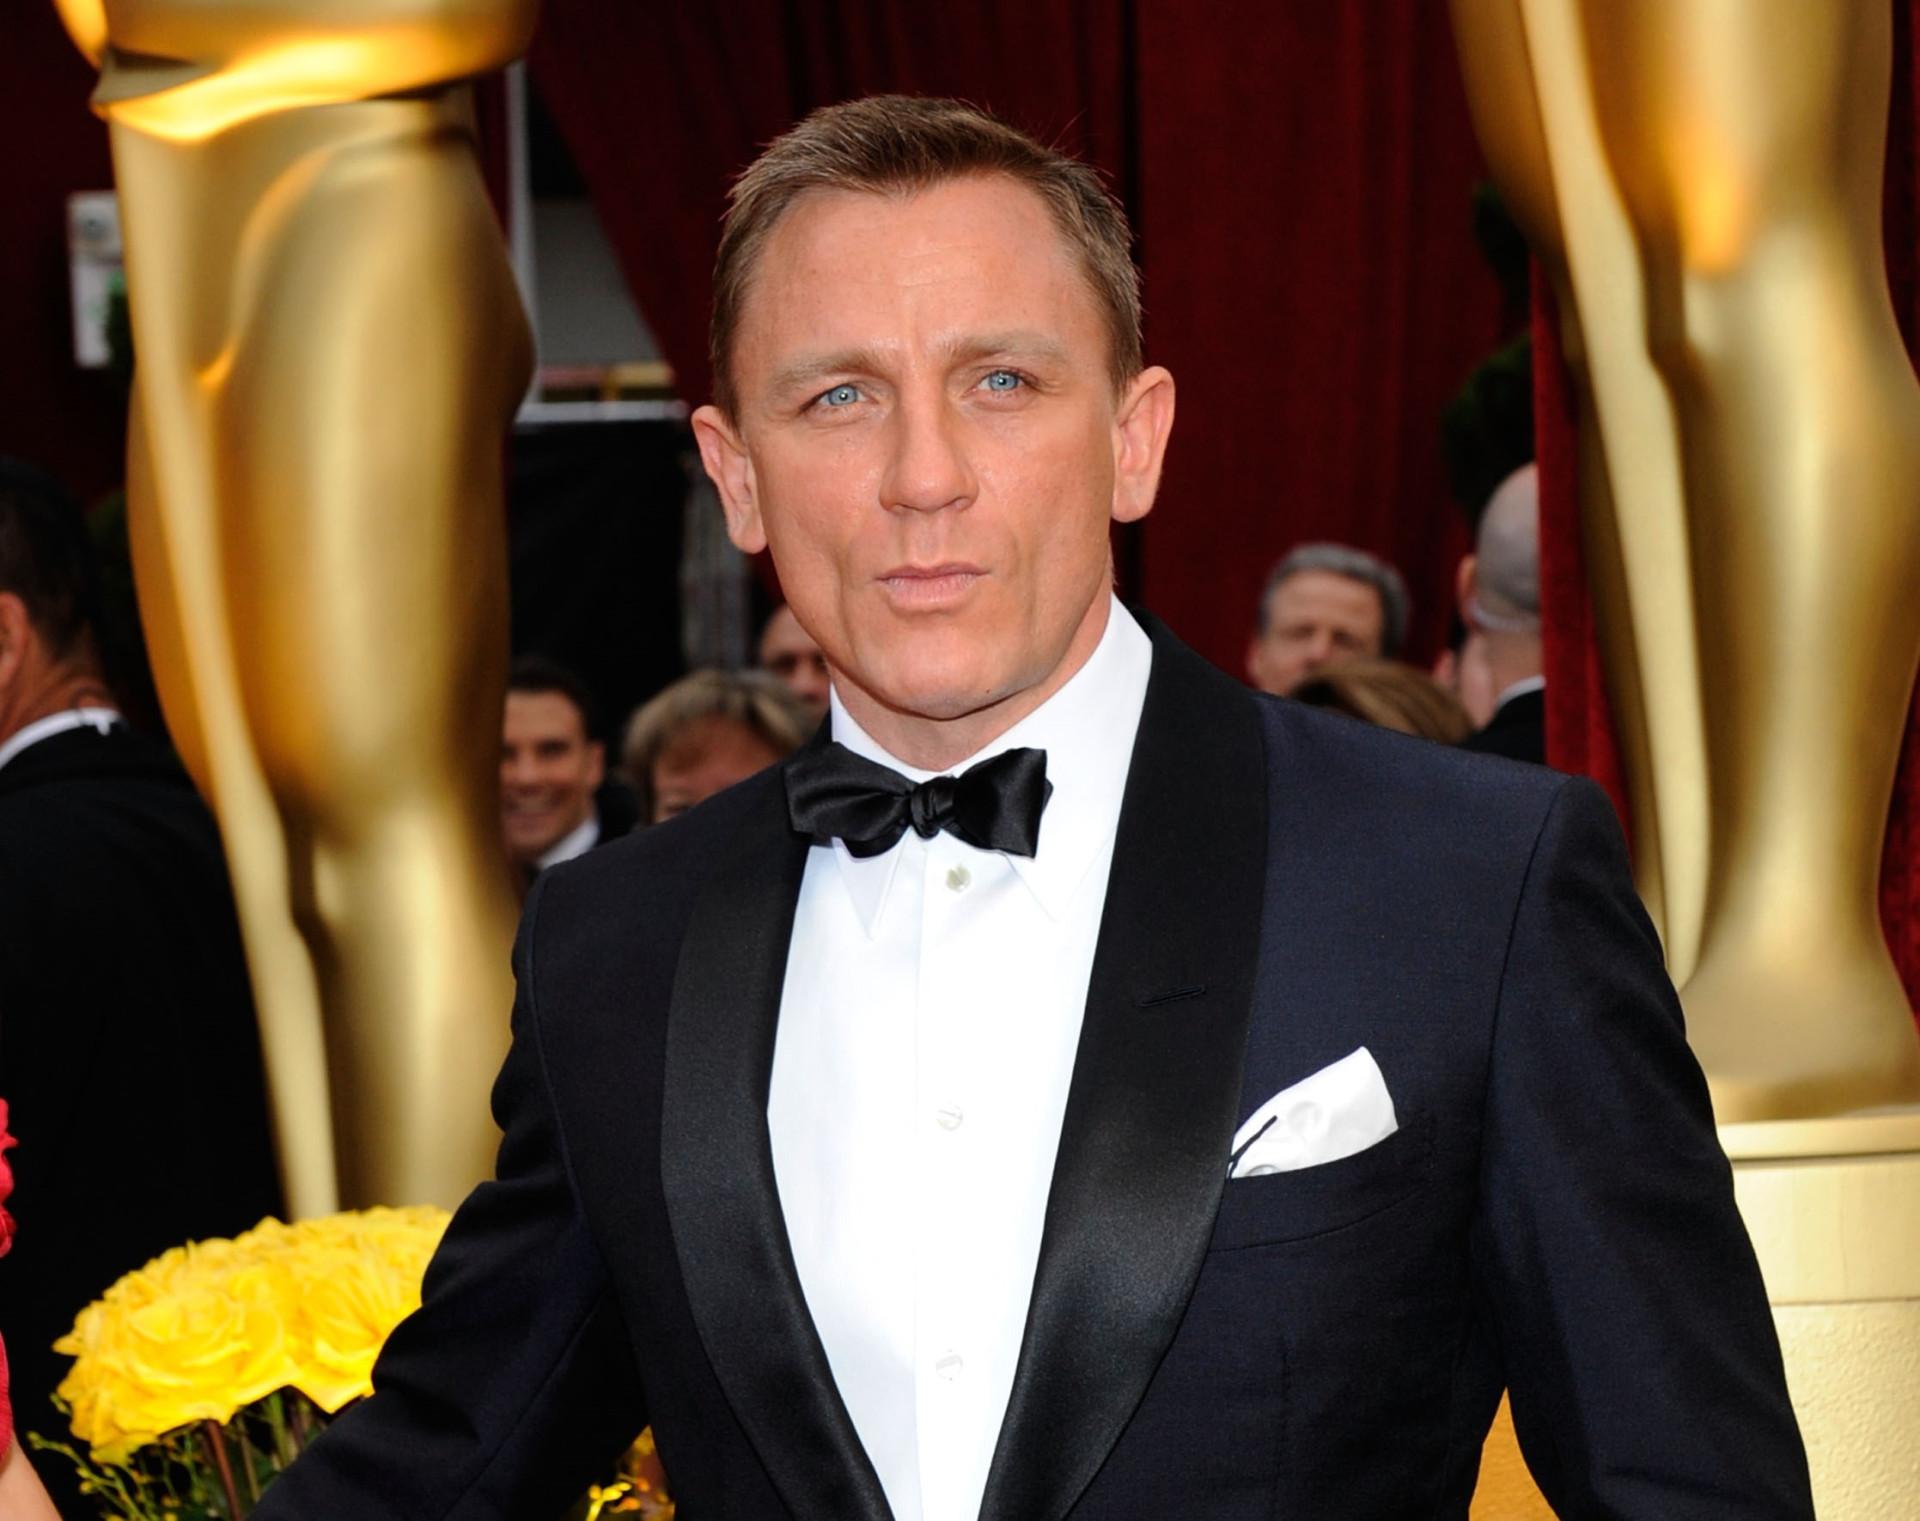 Hartless: Meet the all-star Oscar presenters